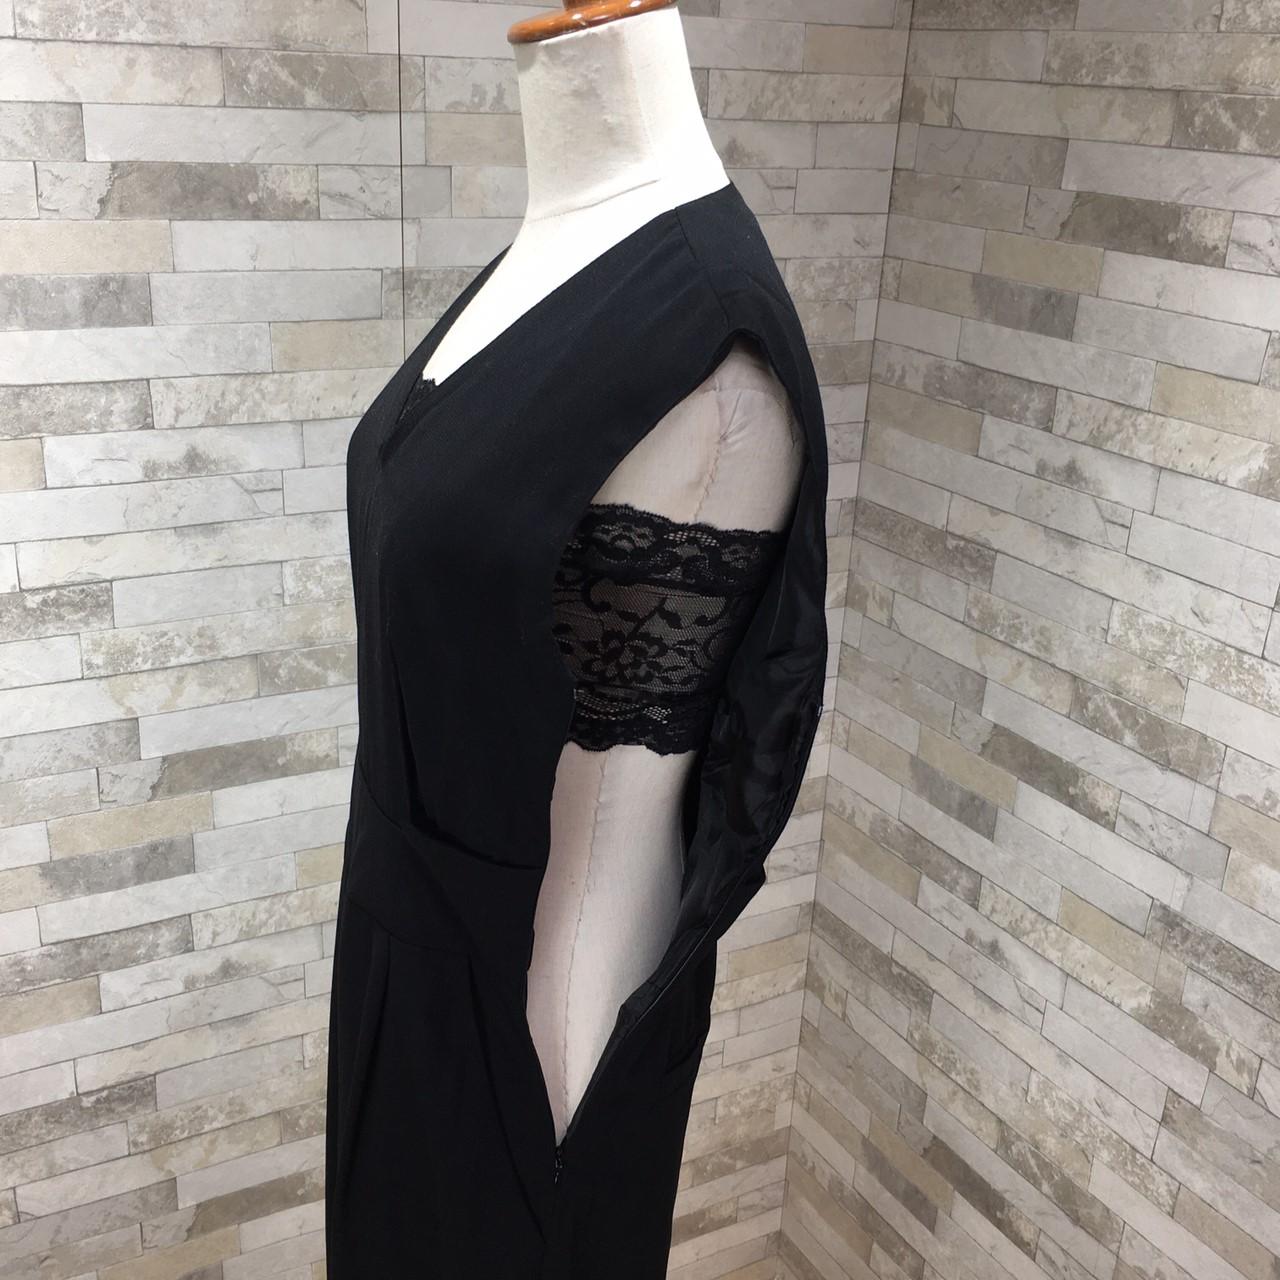 韓国 ファッション オールインワン サロペット 春 夏 パーティー ブライダル PTX1552  ノースリーブ バックスリット ハイウエスト ワイドパンツ 二次会 セレブ きれいめの写真13枚目